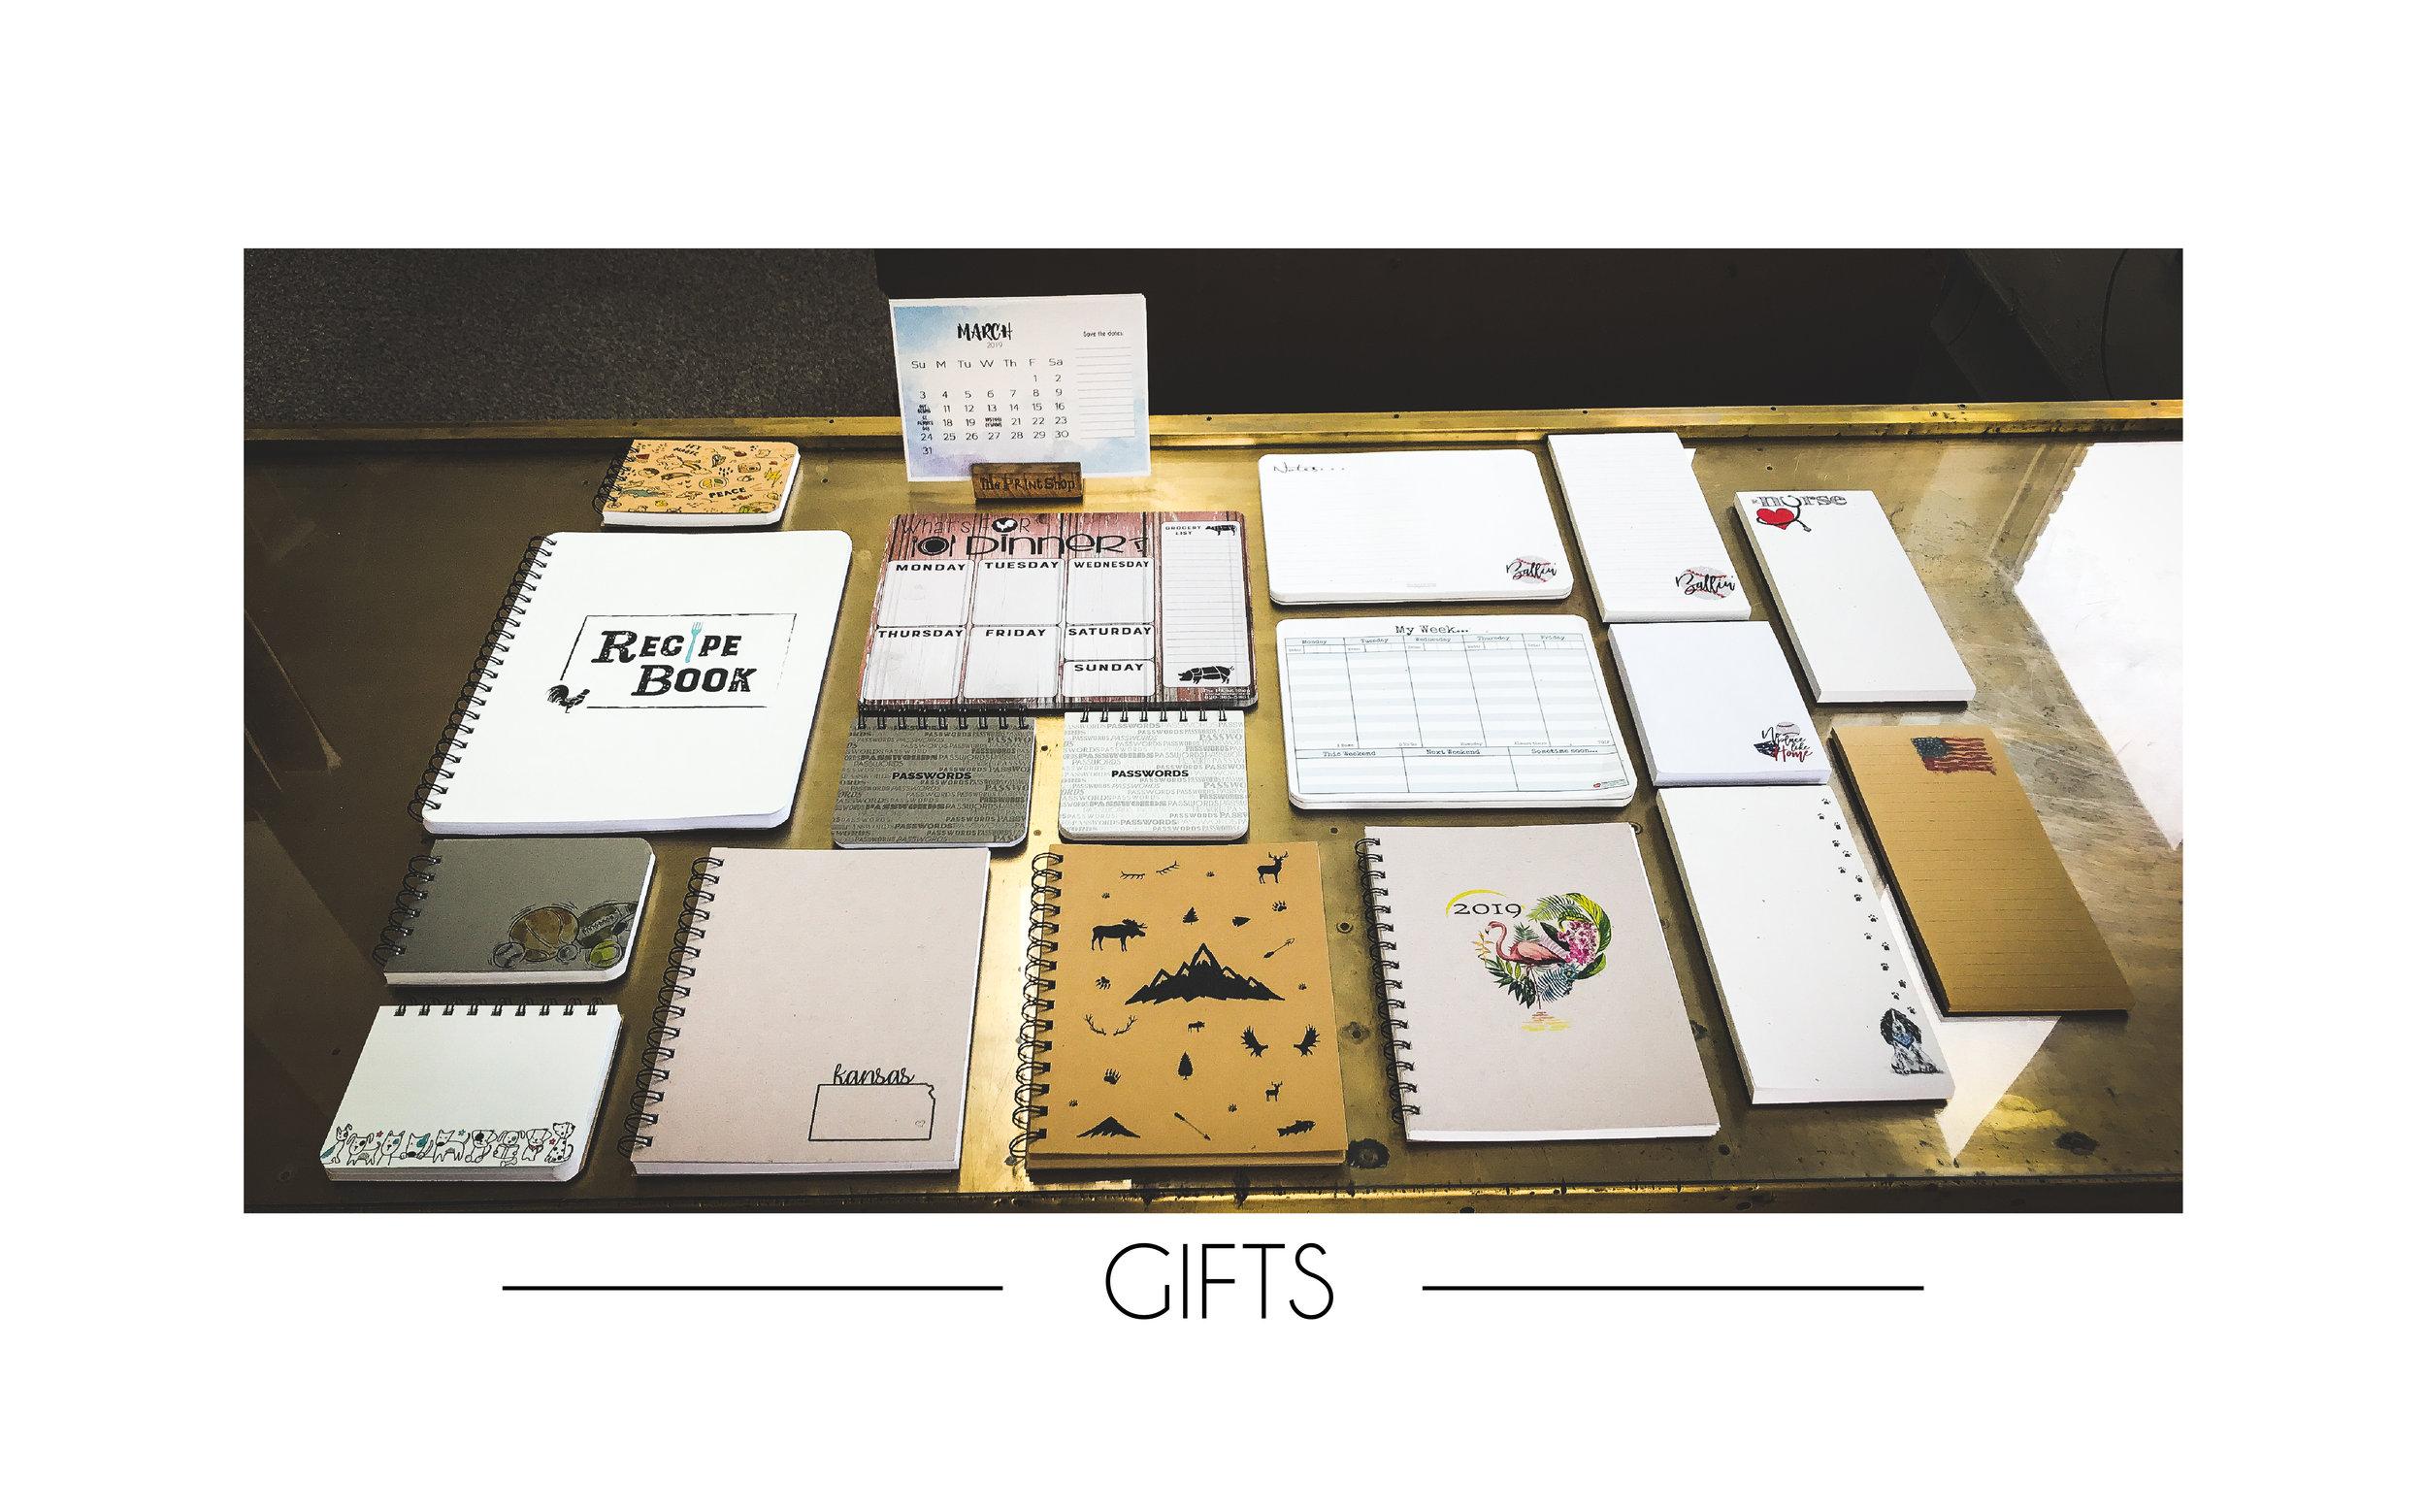 GIFTS-01.jpg